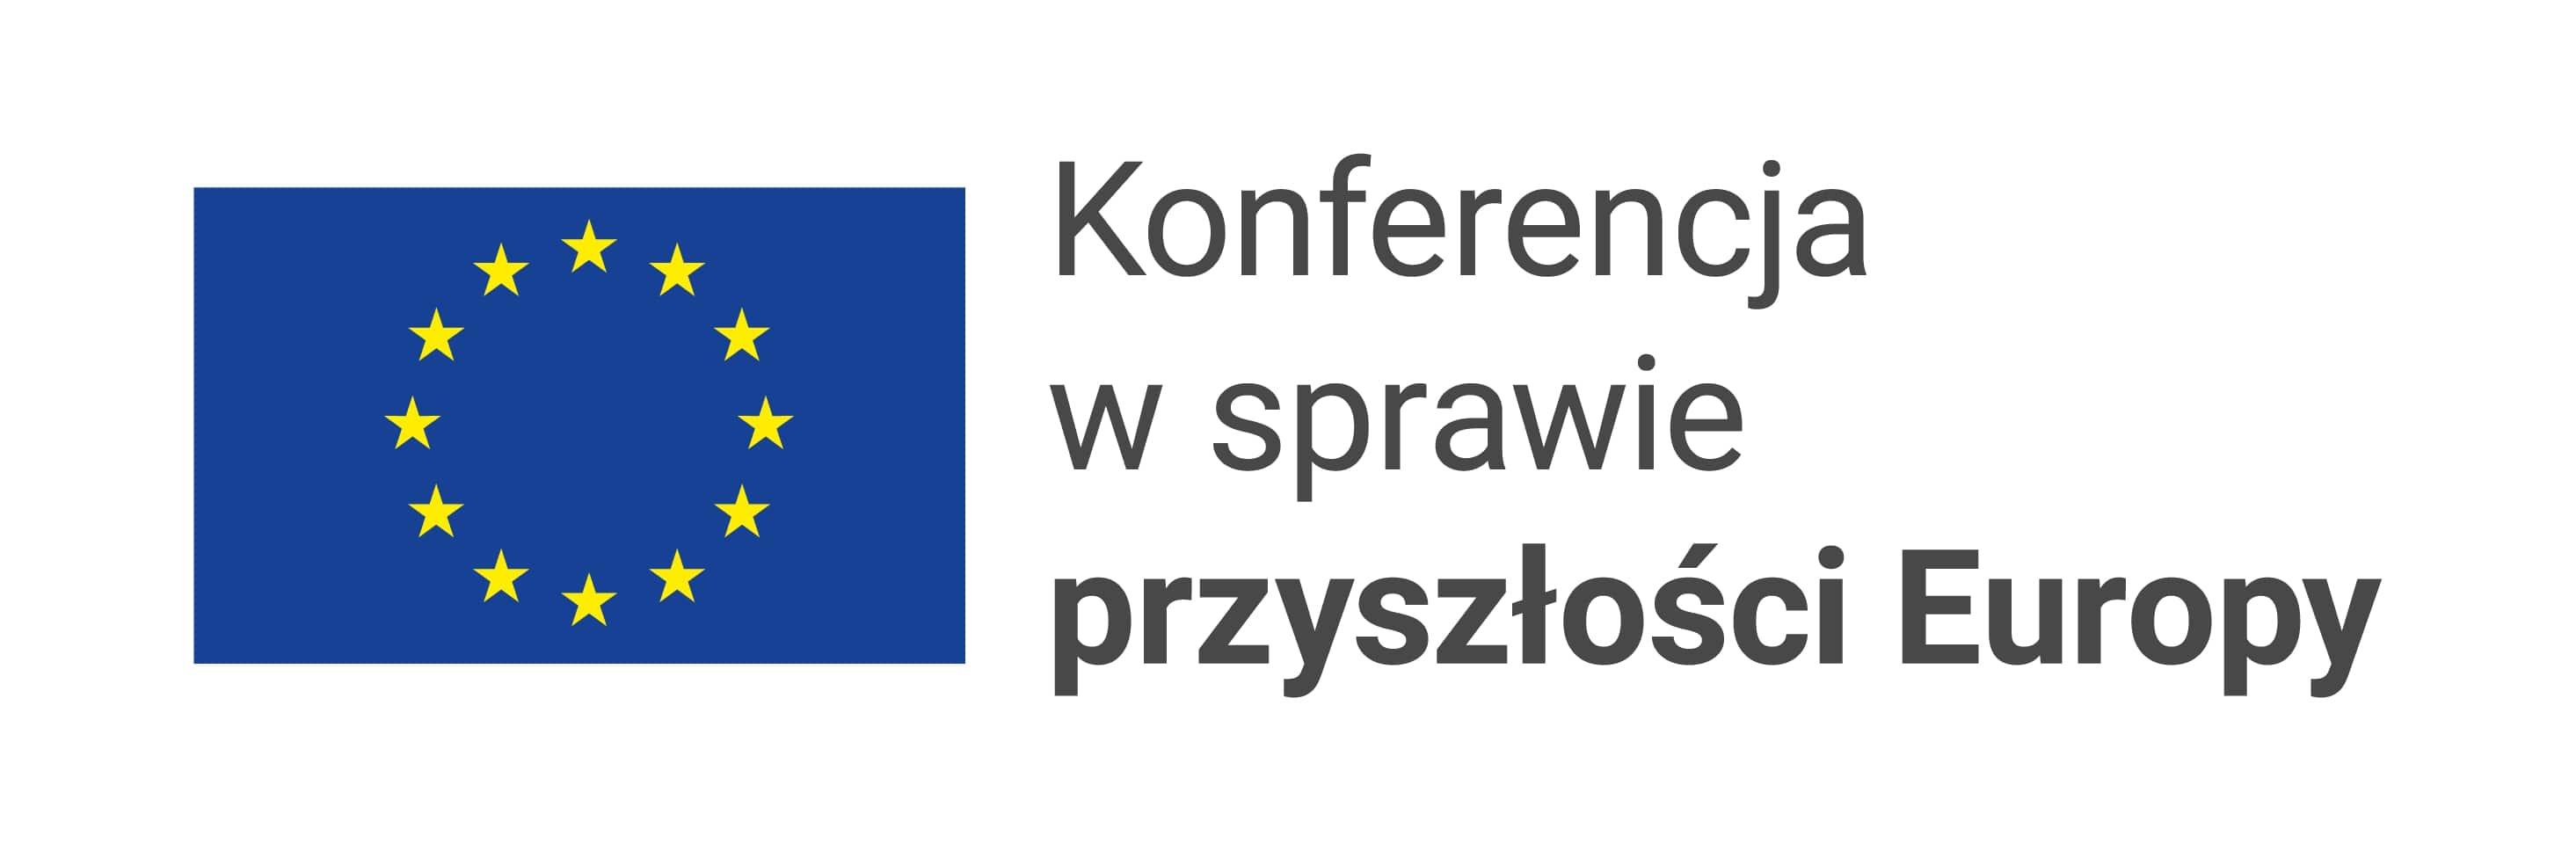 Ilustracja do informacji: Konferencja w sprawie przyszłości Europy: uruchomienie wielojęzycznej platformy cyfrowej